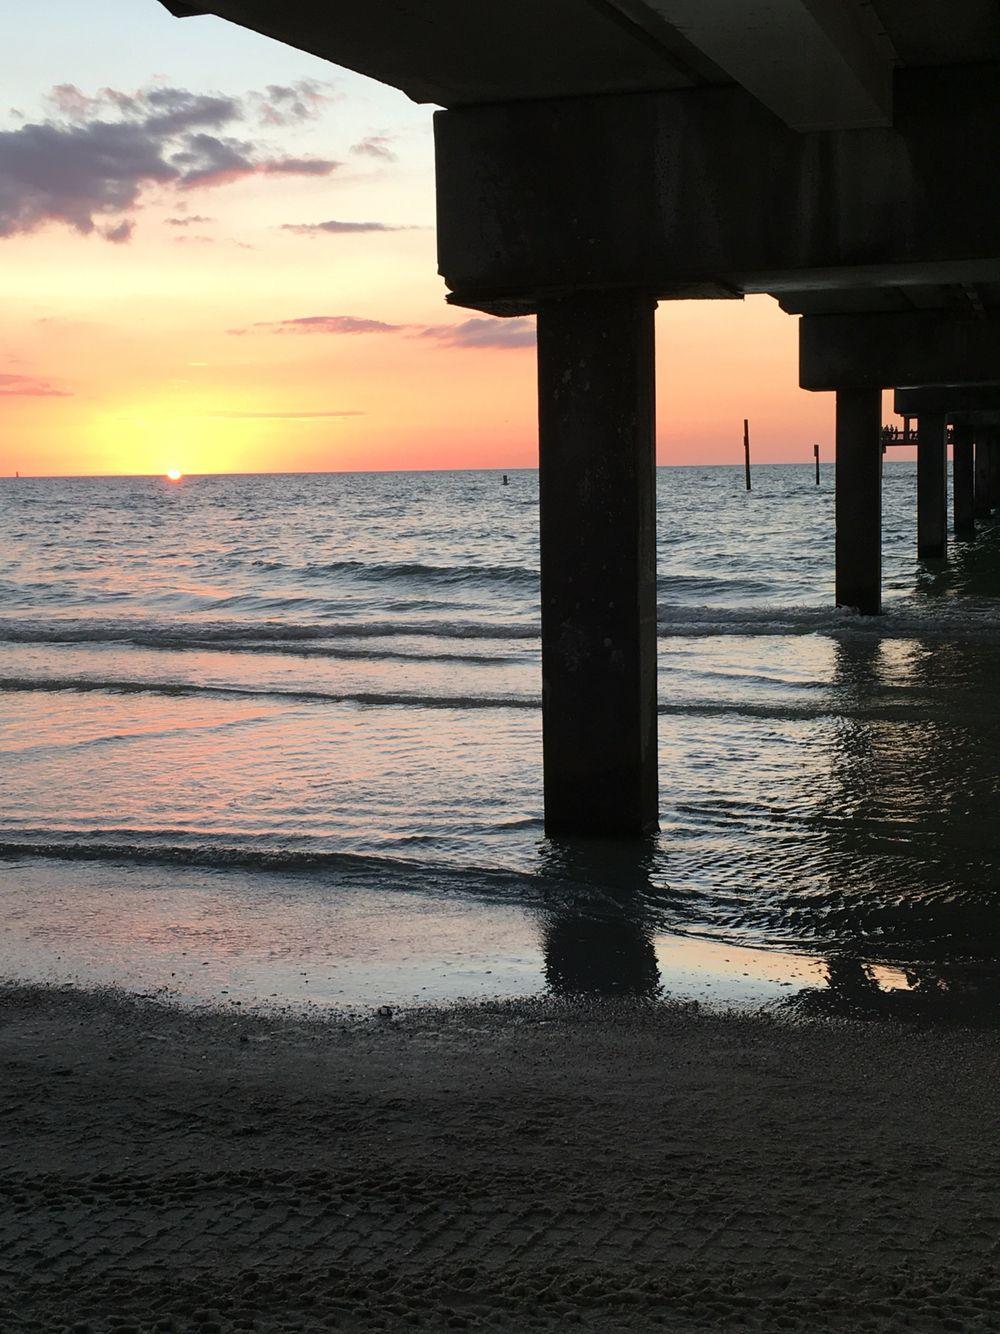 Clearwater Flórida nov/2015 imagens)